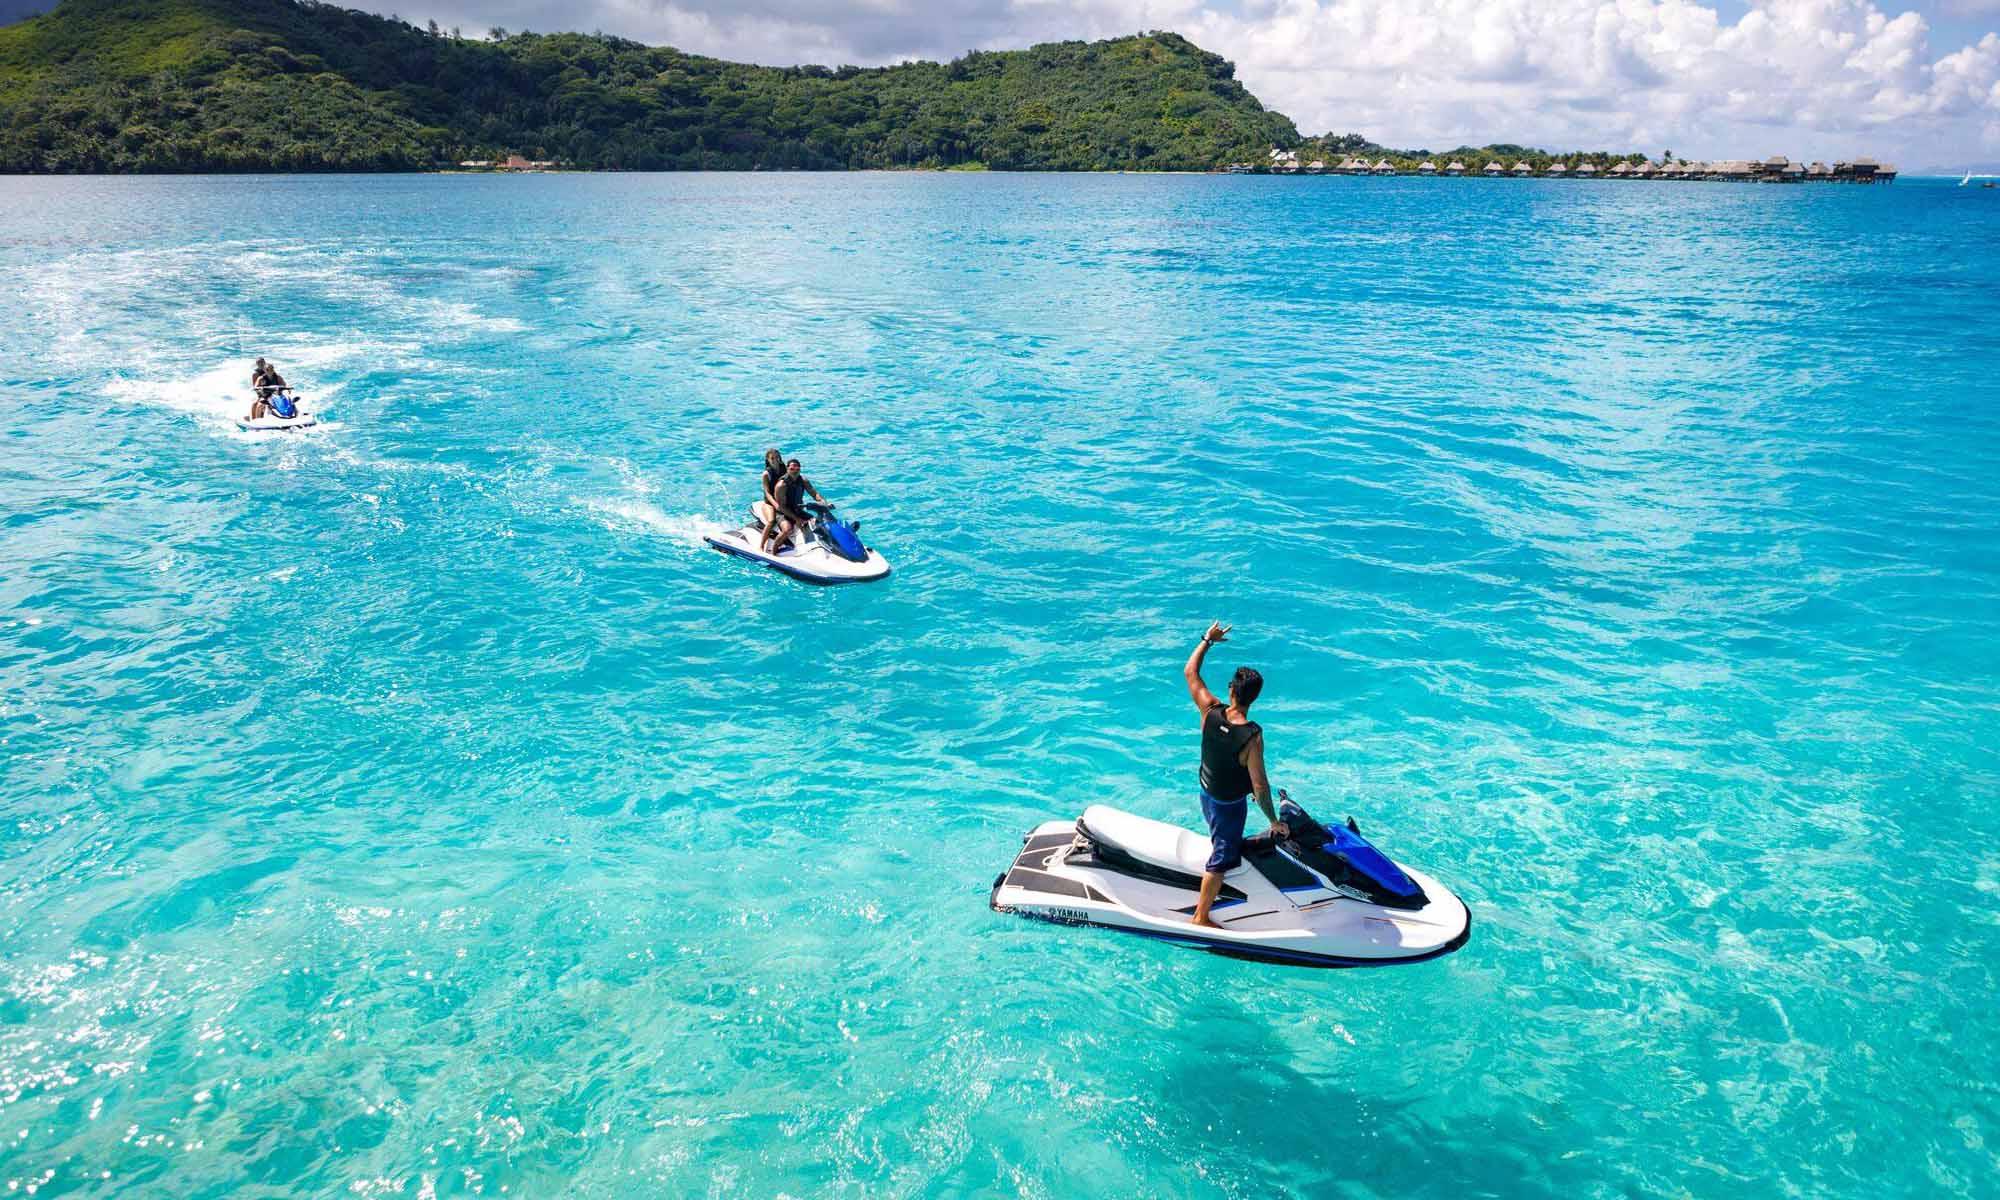 Circle Island Tour by Jet Ski, Bora Bora Activities | Tahiti.com